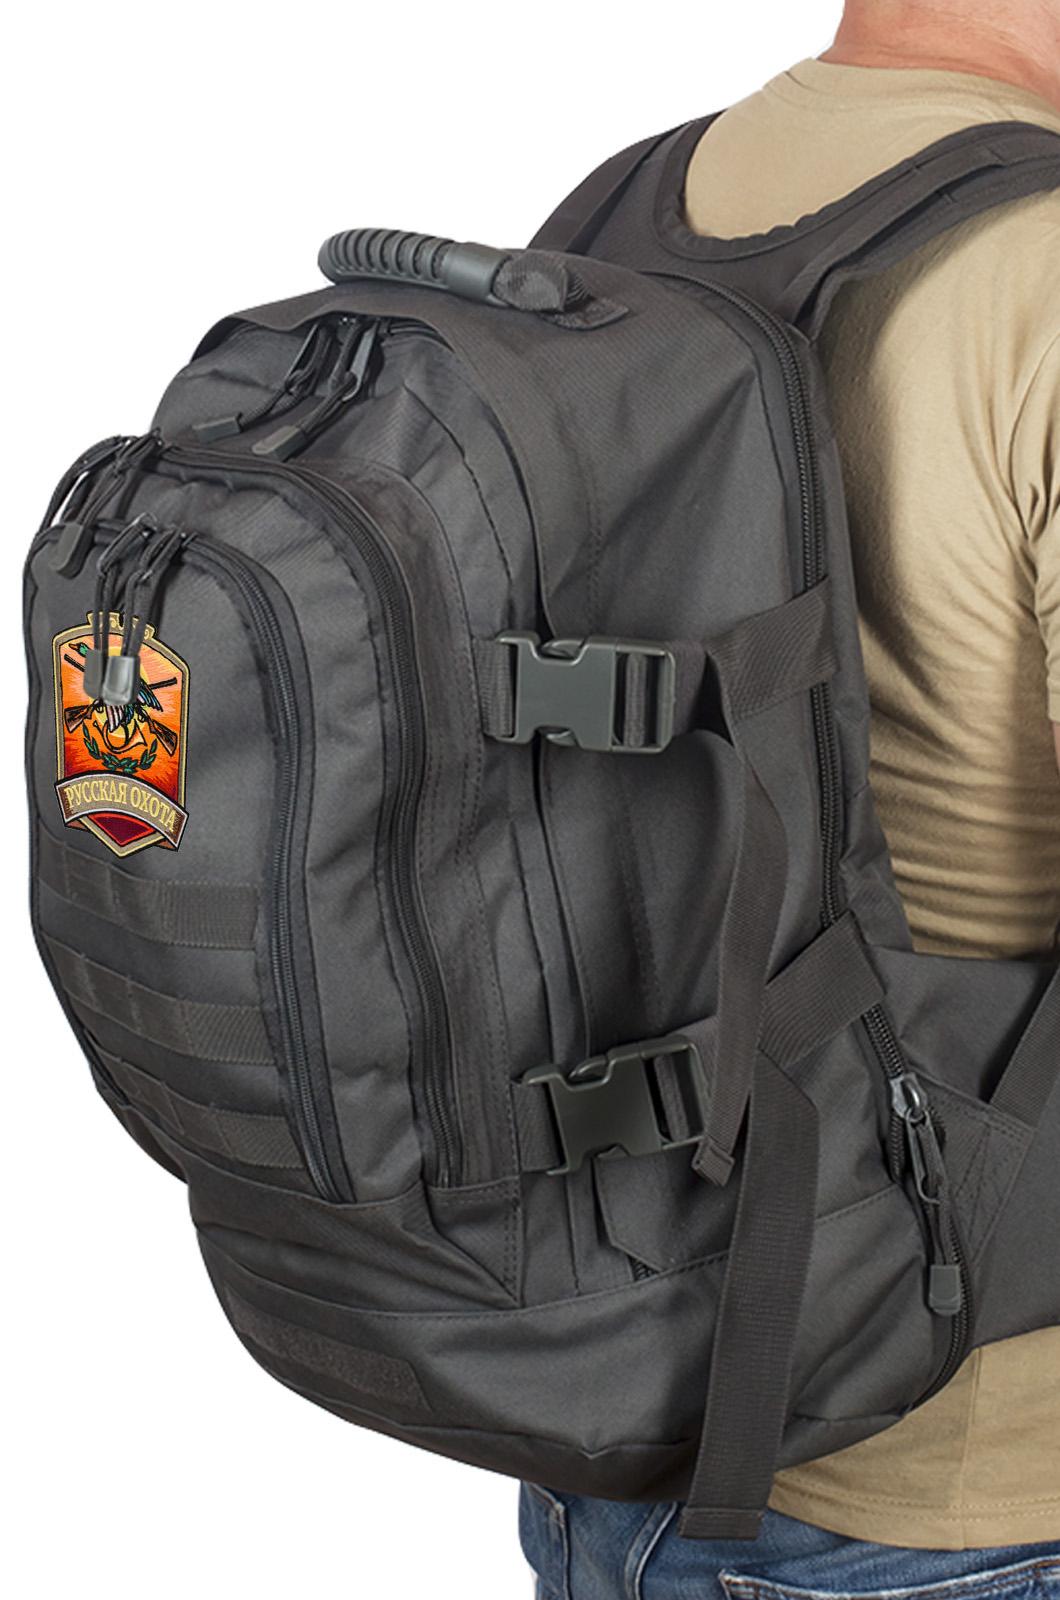 Универсальный крутой рюкзак с нашивкой Русская Охота